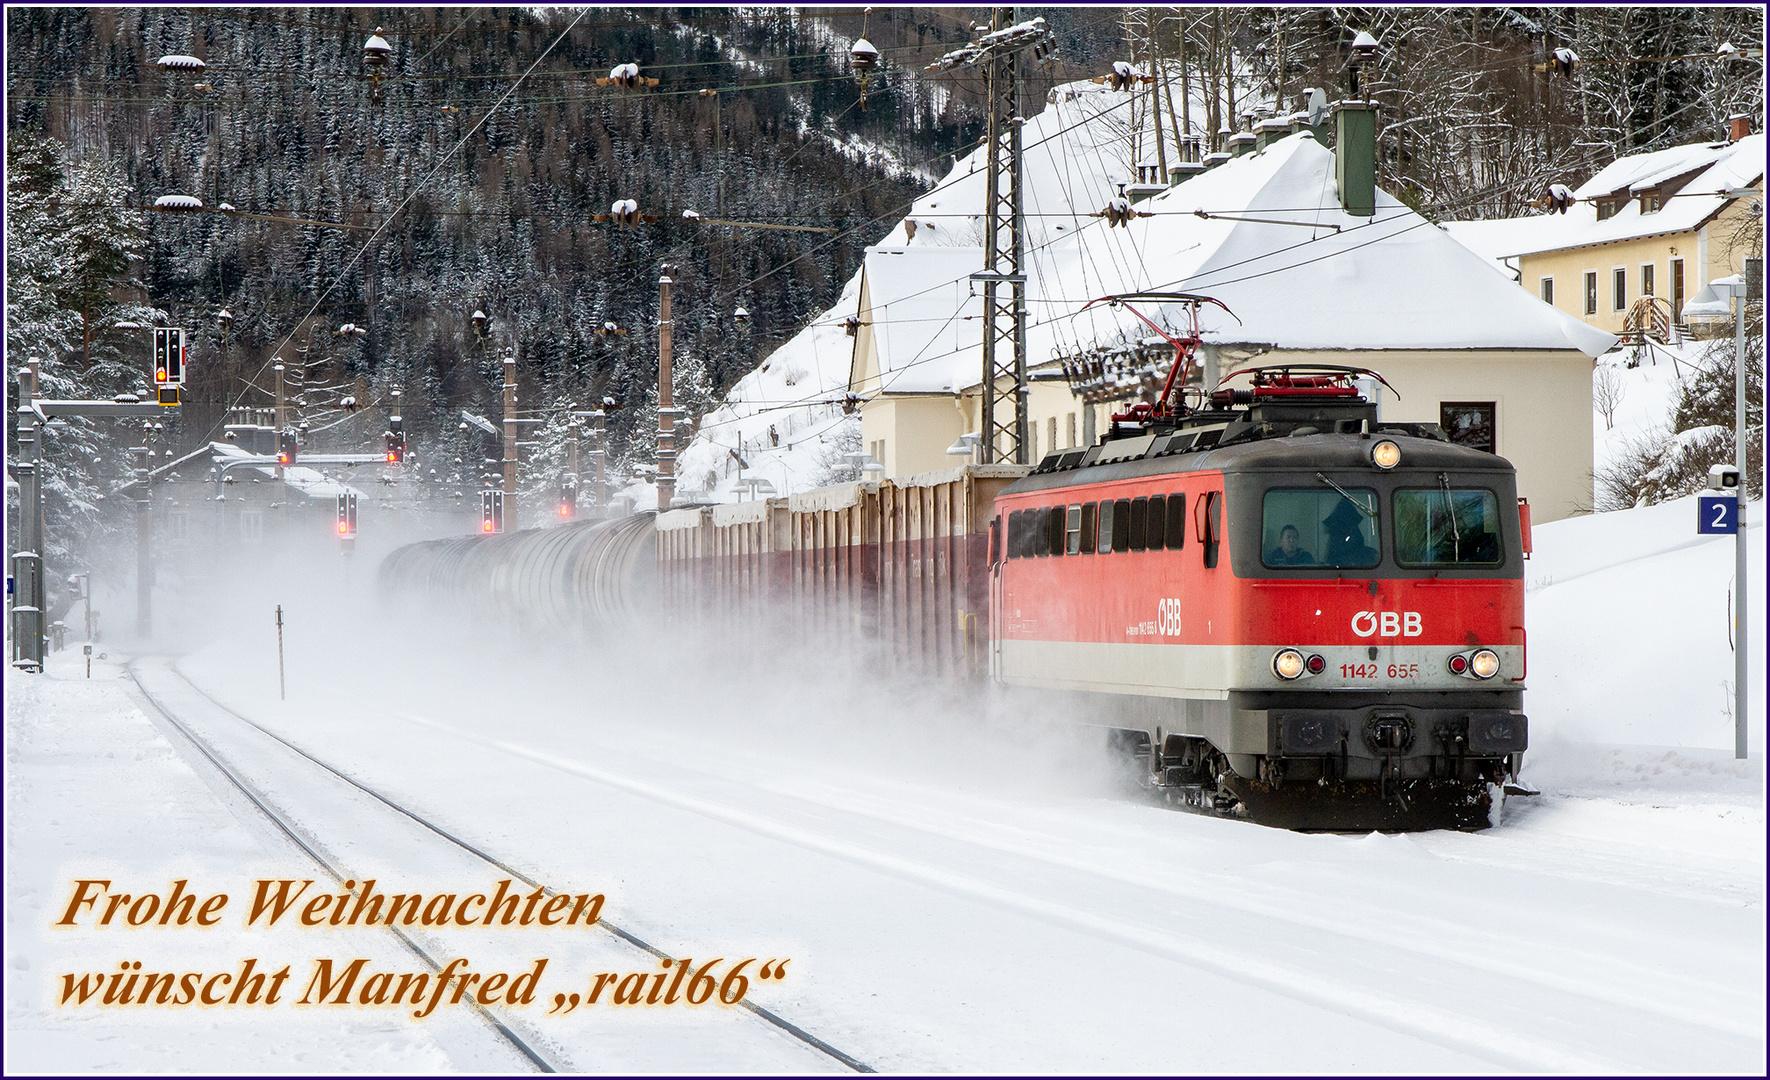 Weihnachten 2019 Foto & Bild   eisenbahn, verkehr ...